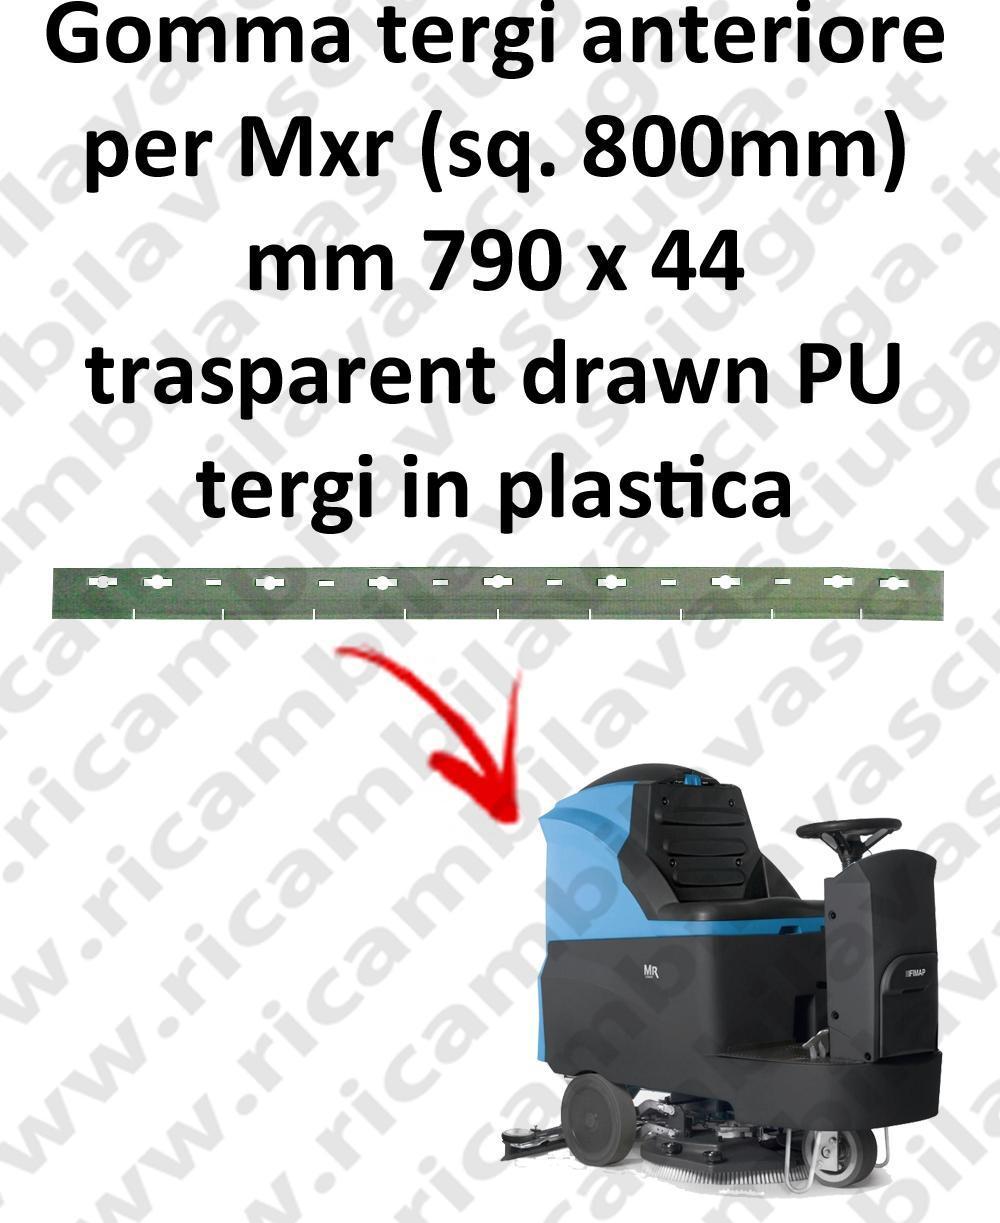 Mxr squeegee 800 mm Vorder Sauglippen für scheuersaugmaschinen FIMAP